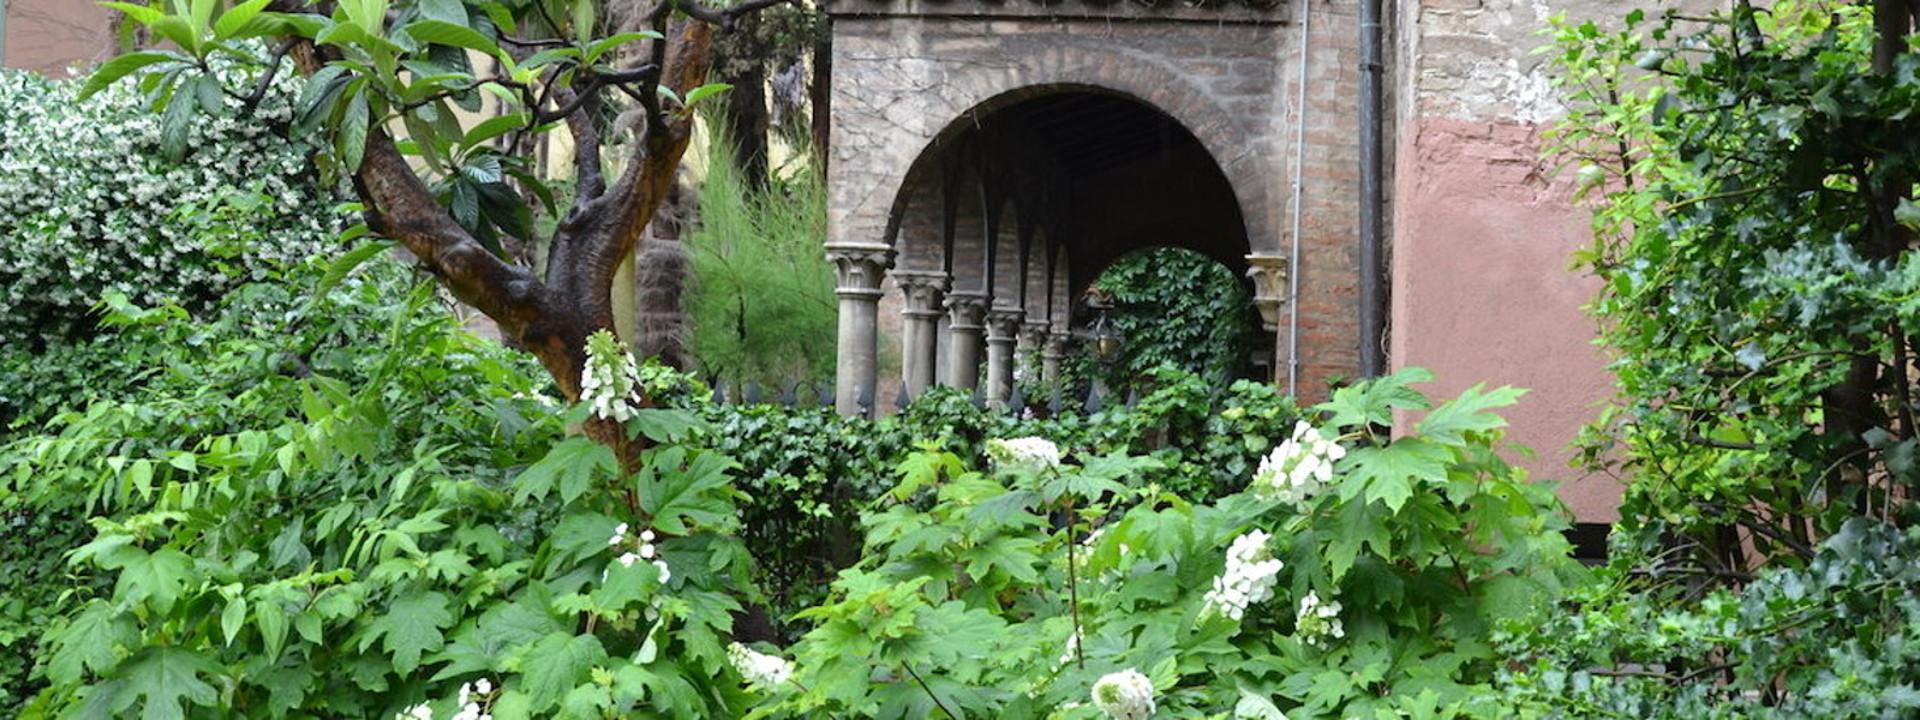 Immagine dal sito Diverdeinverde